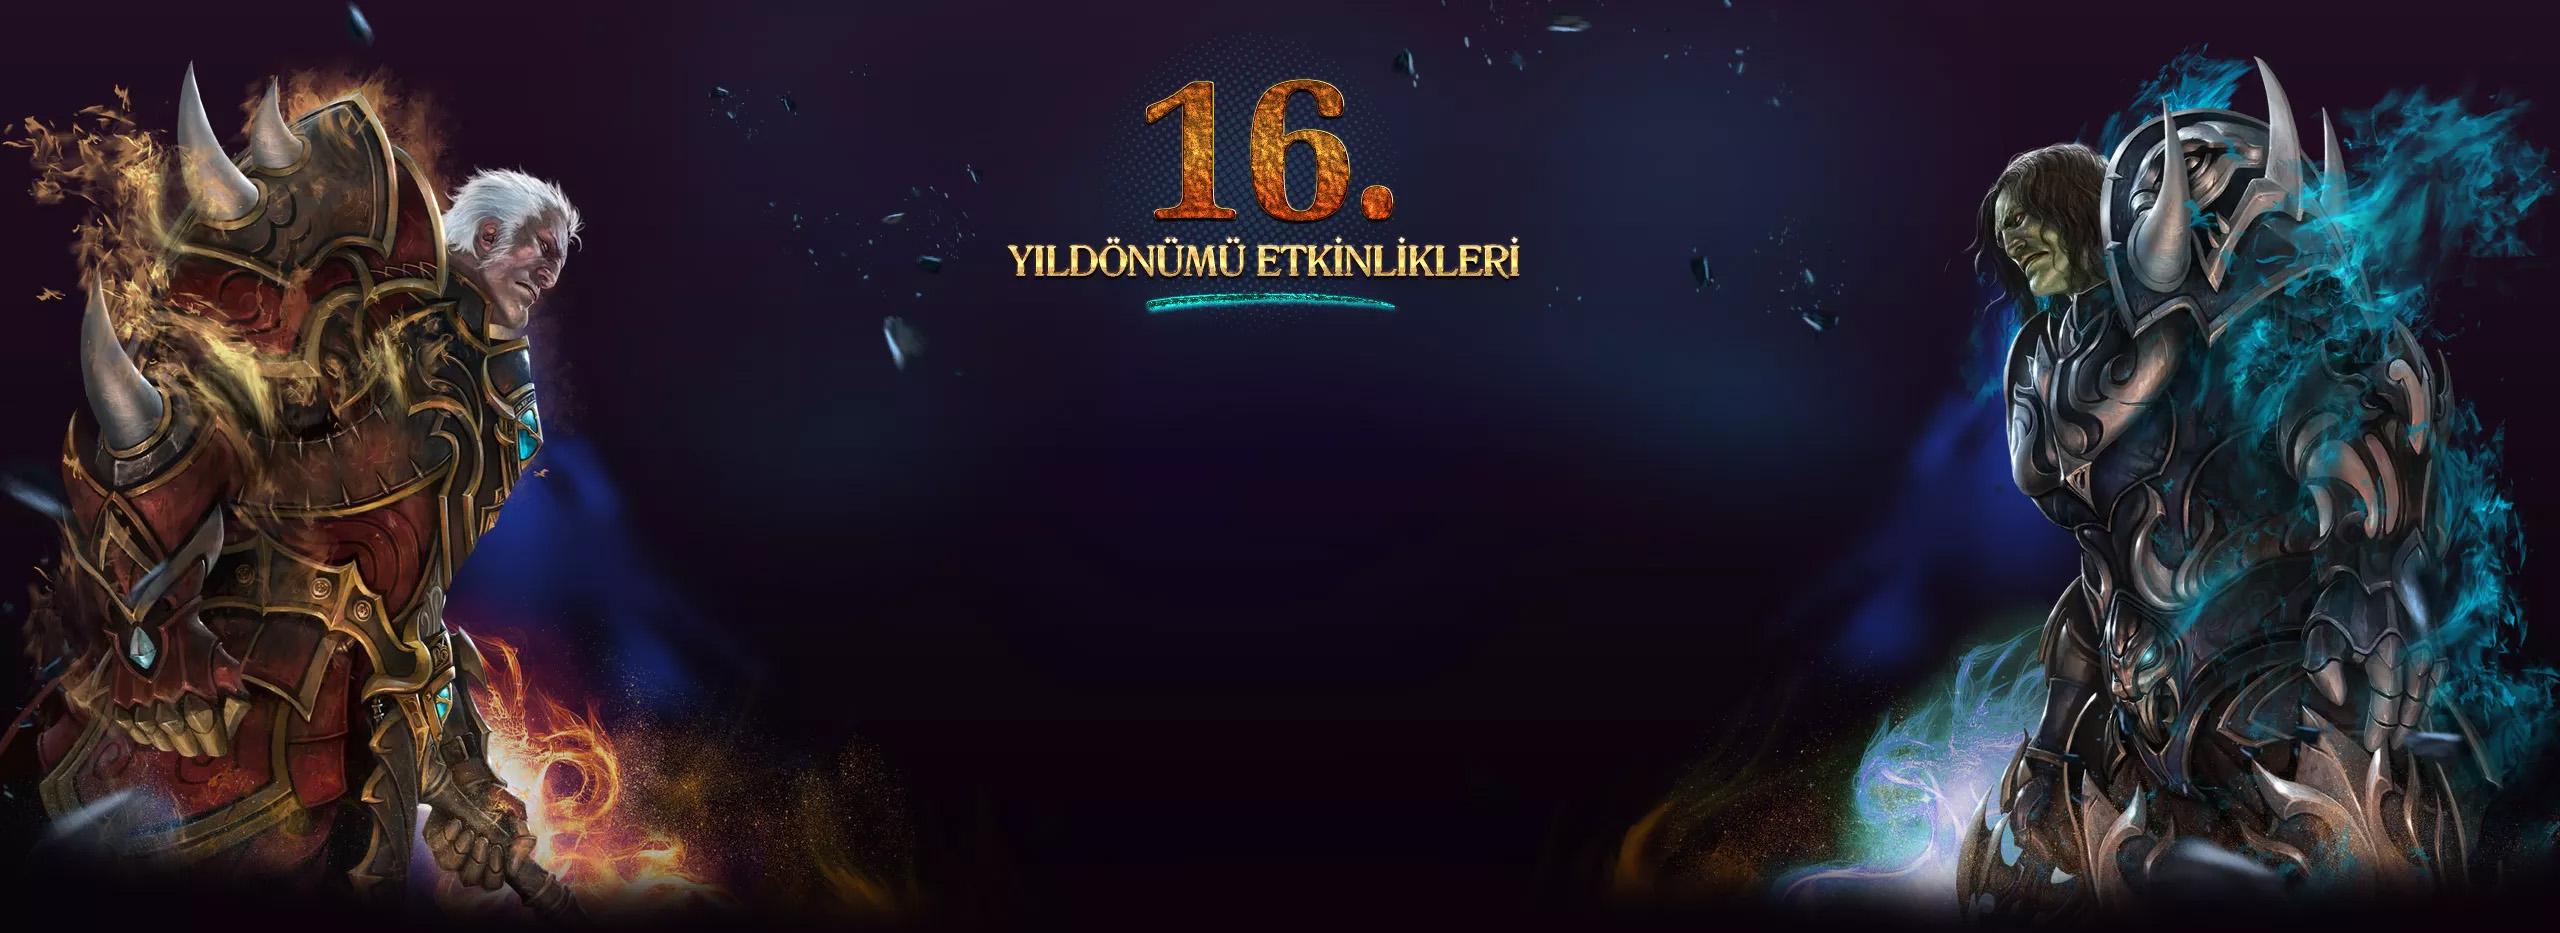 16. Yıldönümü Etkinlikleri